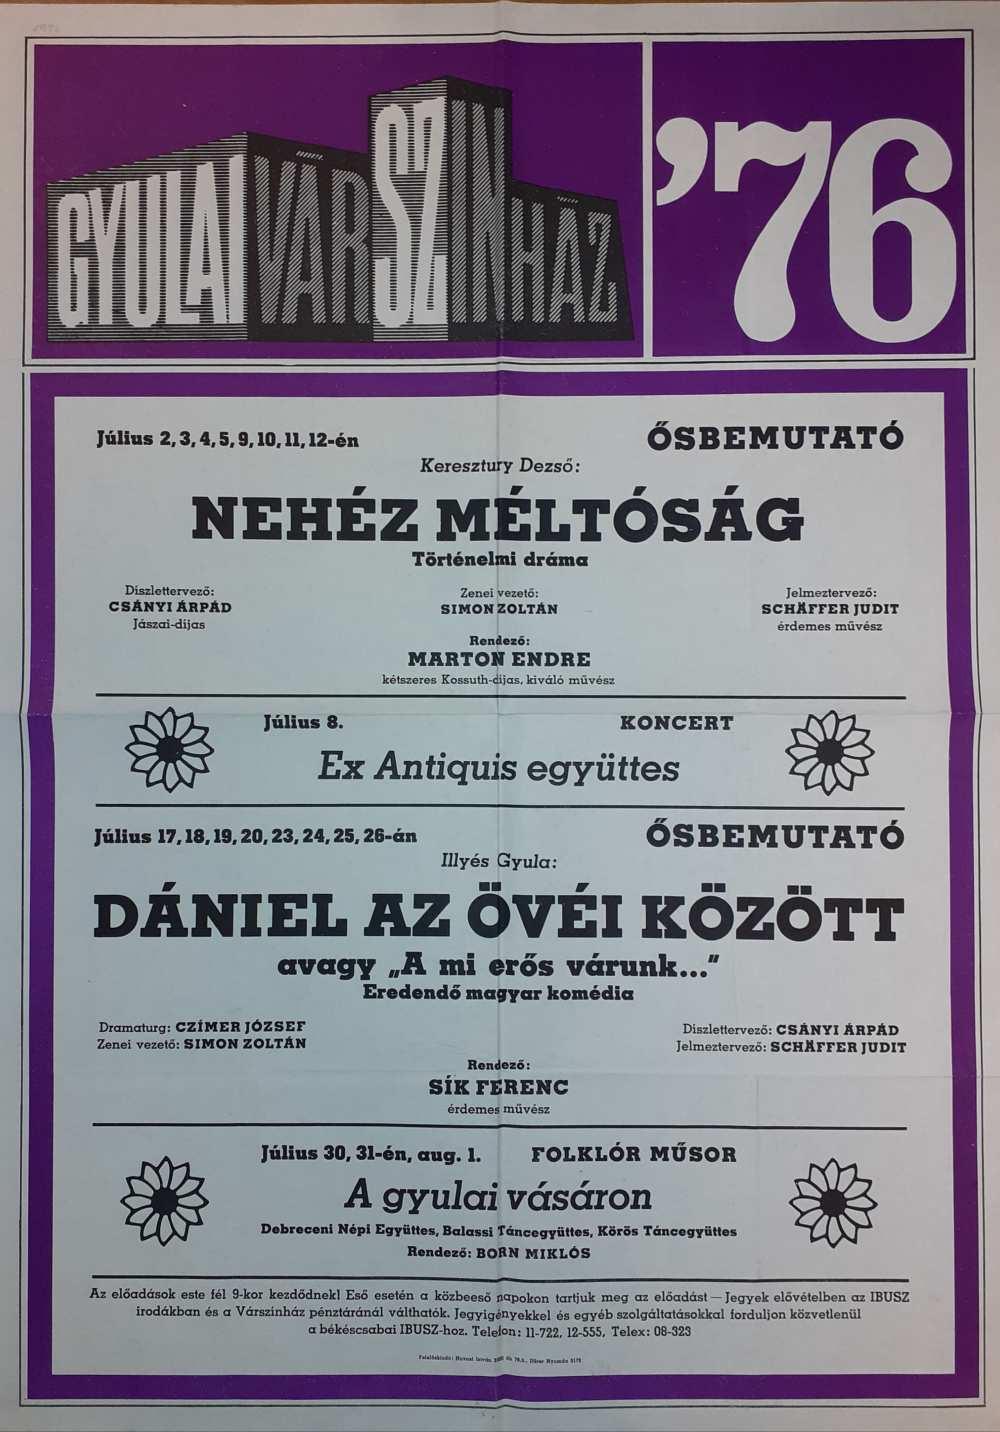 Nehéz méltóság. Gyulai Várszínház. 1976. Színlap – Színháztörténeti és Zeneműtár színlapgyűjtemény